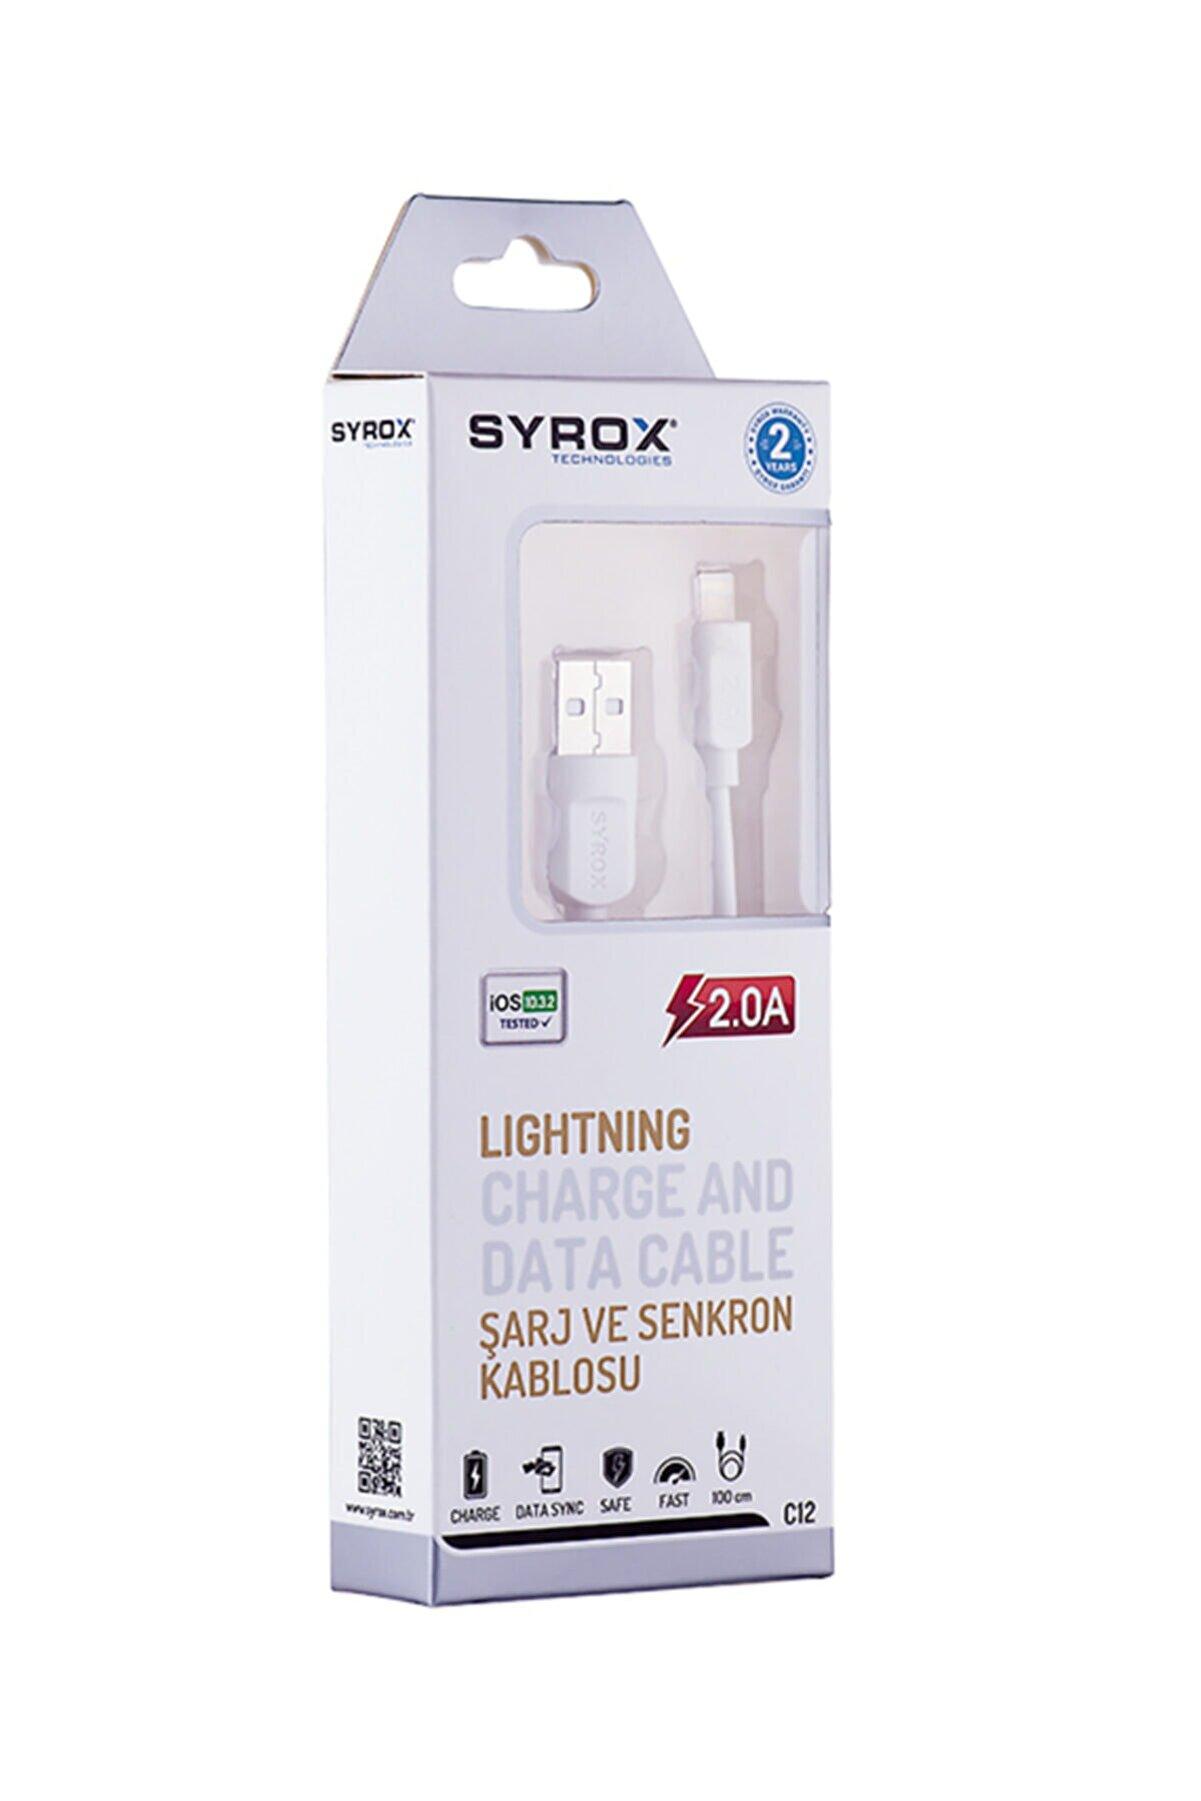 Syrox C-12 Iphone Lıghtning 2,0a Usb Kablo